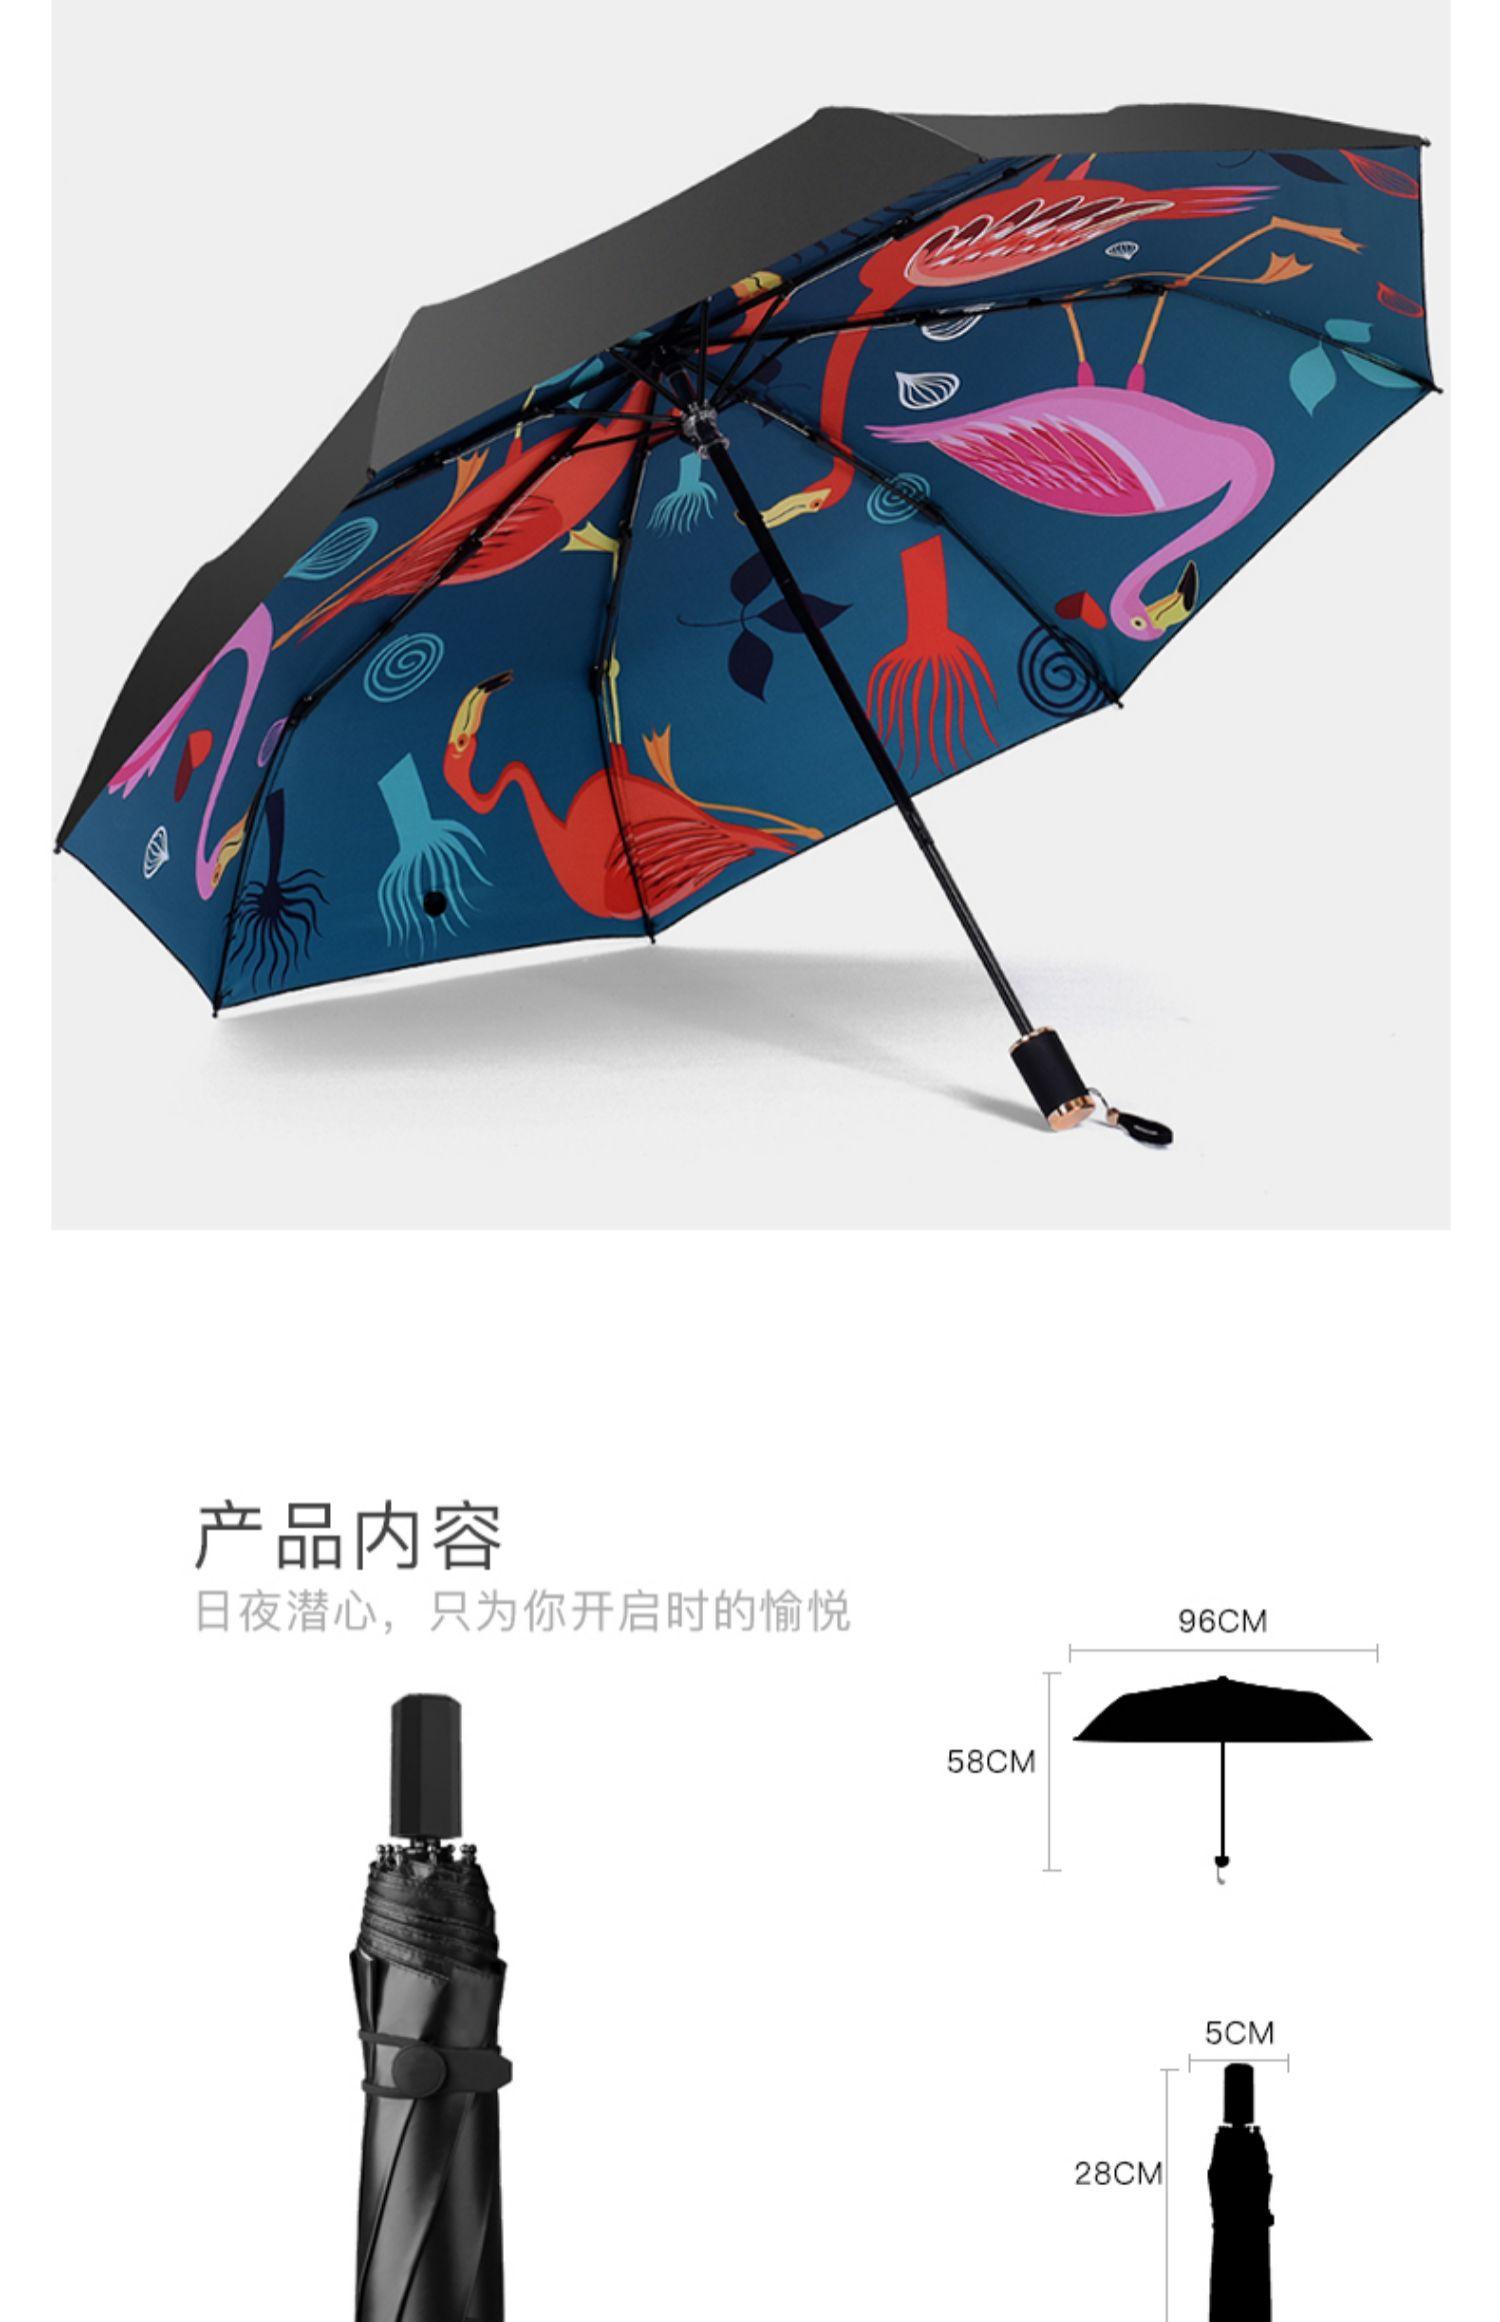 数码印花三折叠黑胶晴雨伞 12